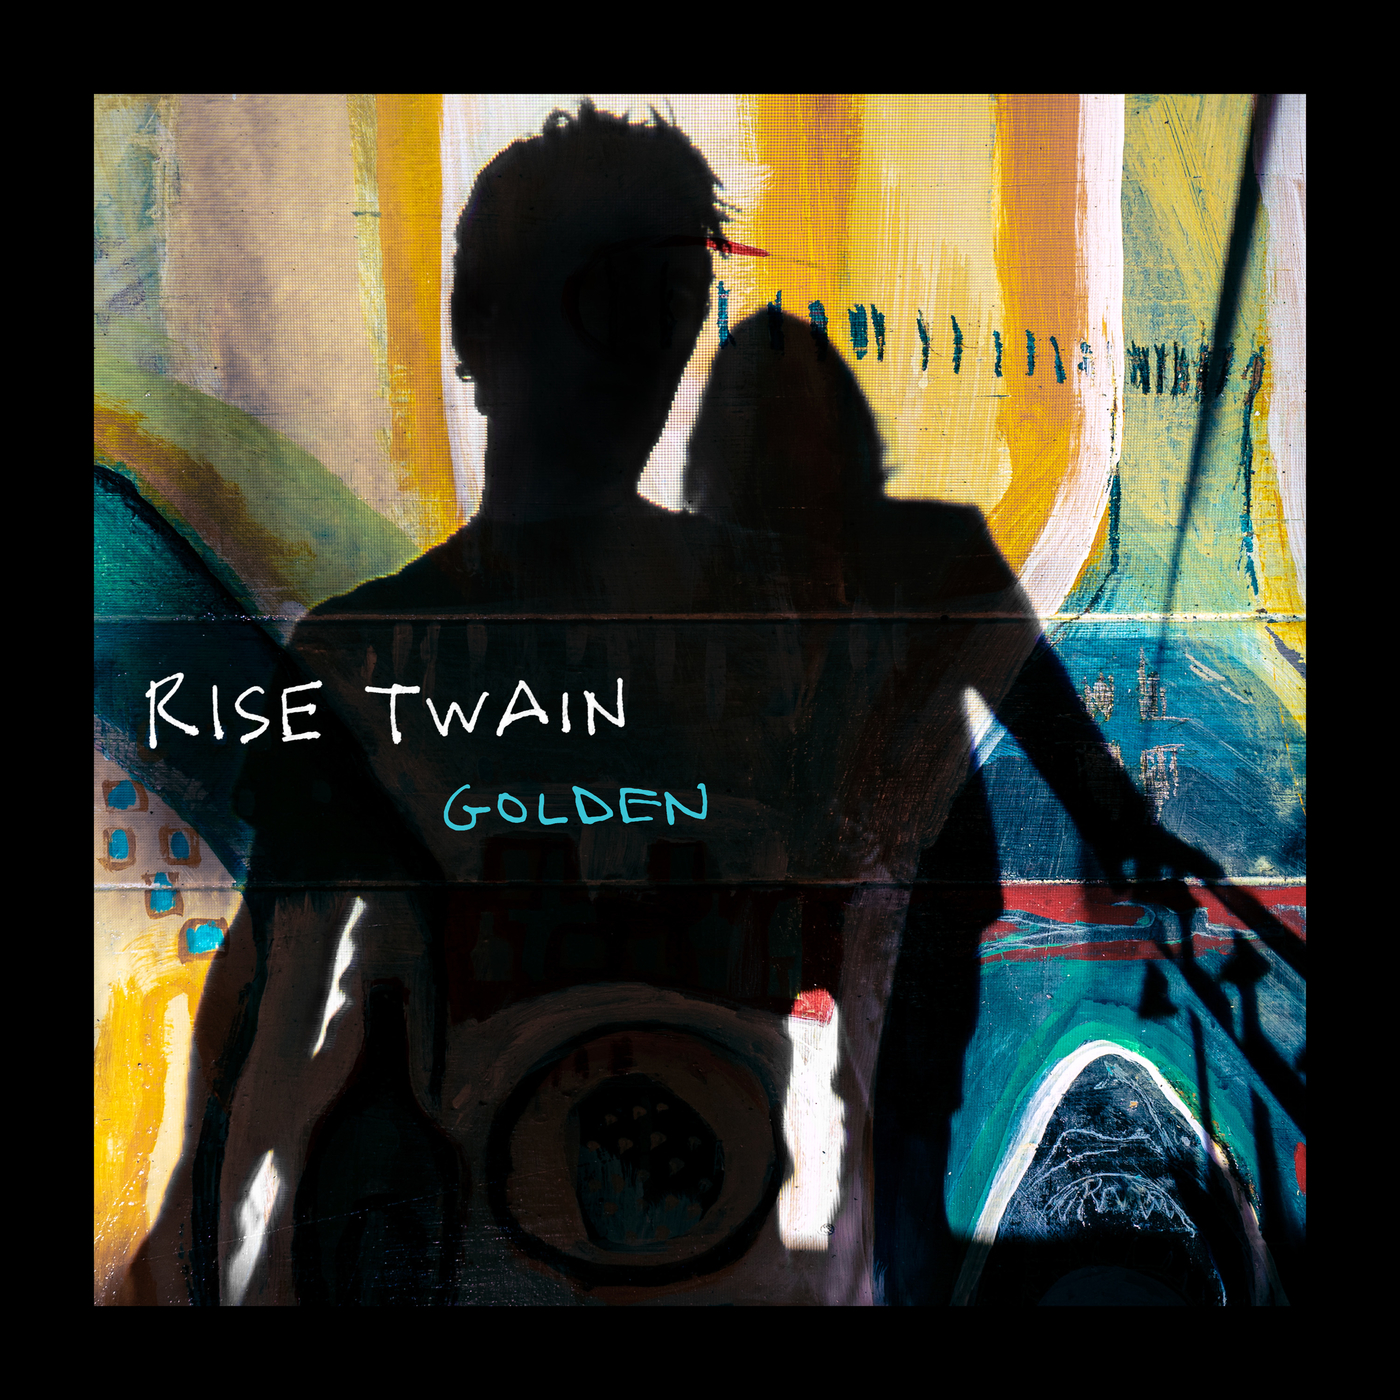 Golden - Rise Twain